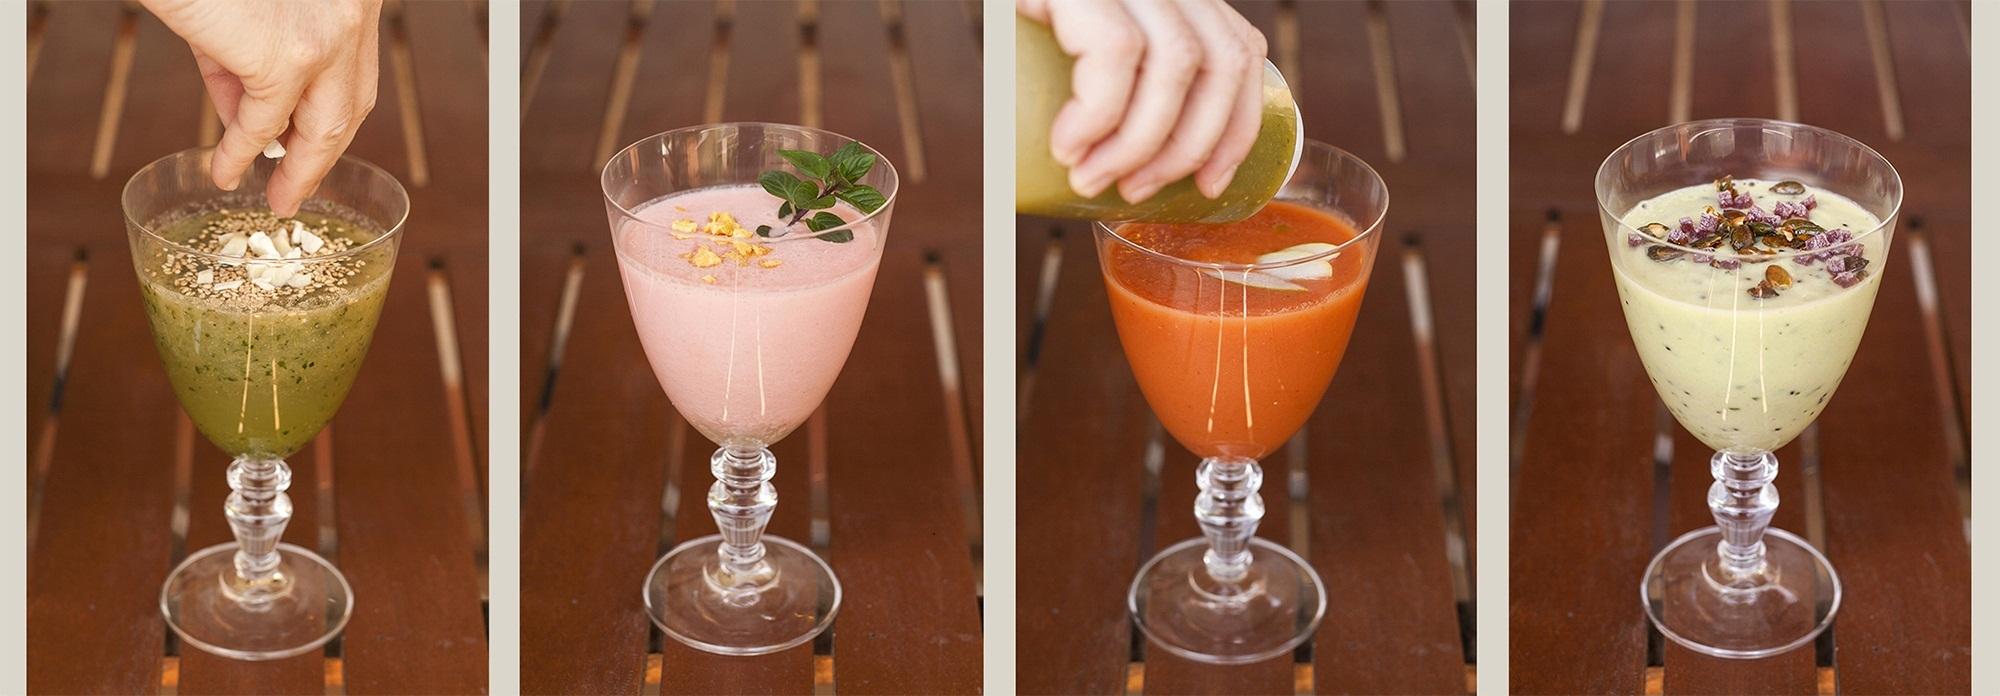 Batidos y sopas fr as con un toque de ingred ssimo - Cenas faciles para invitados ...